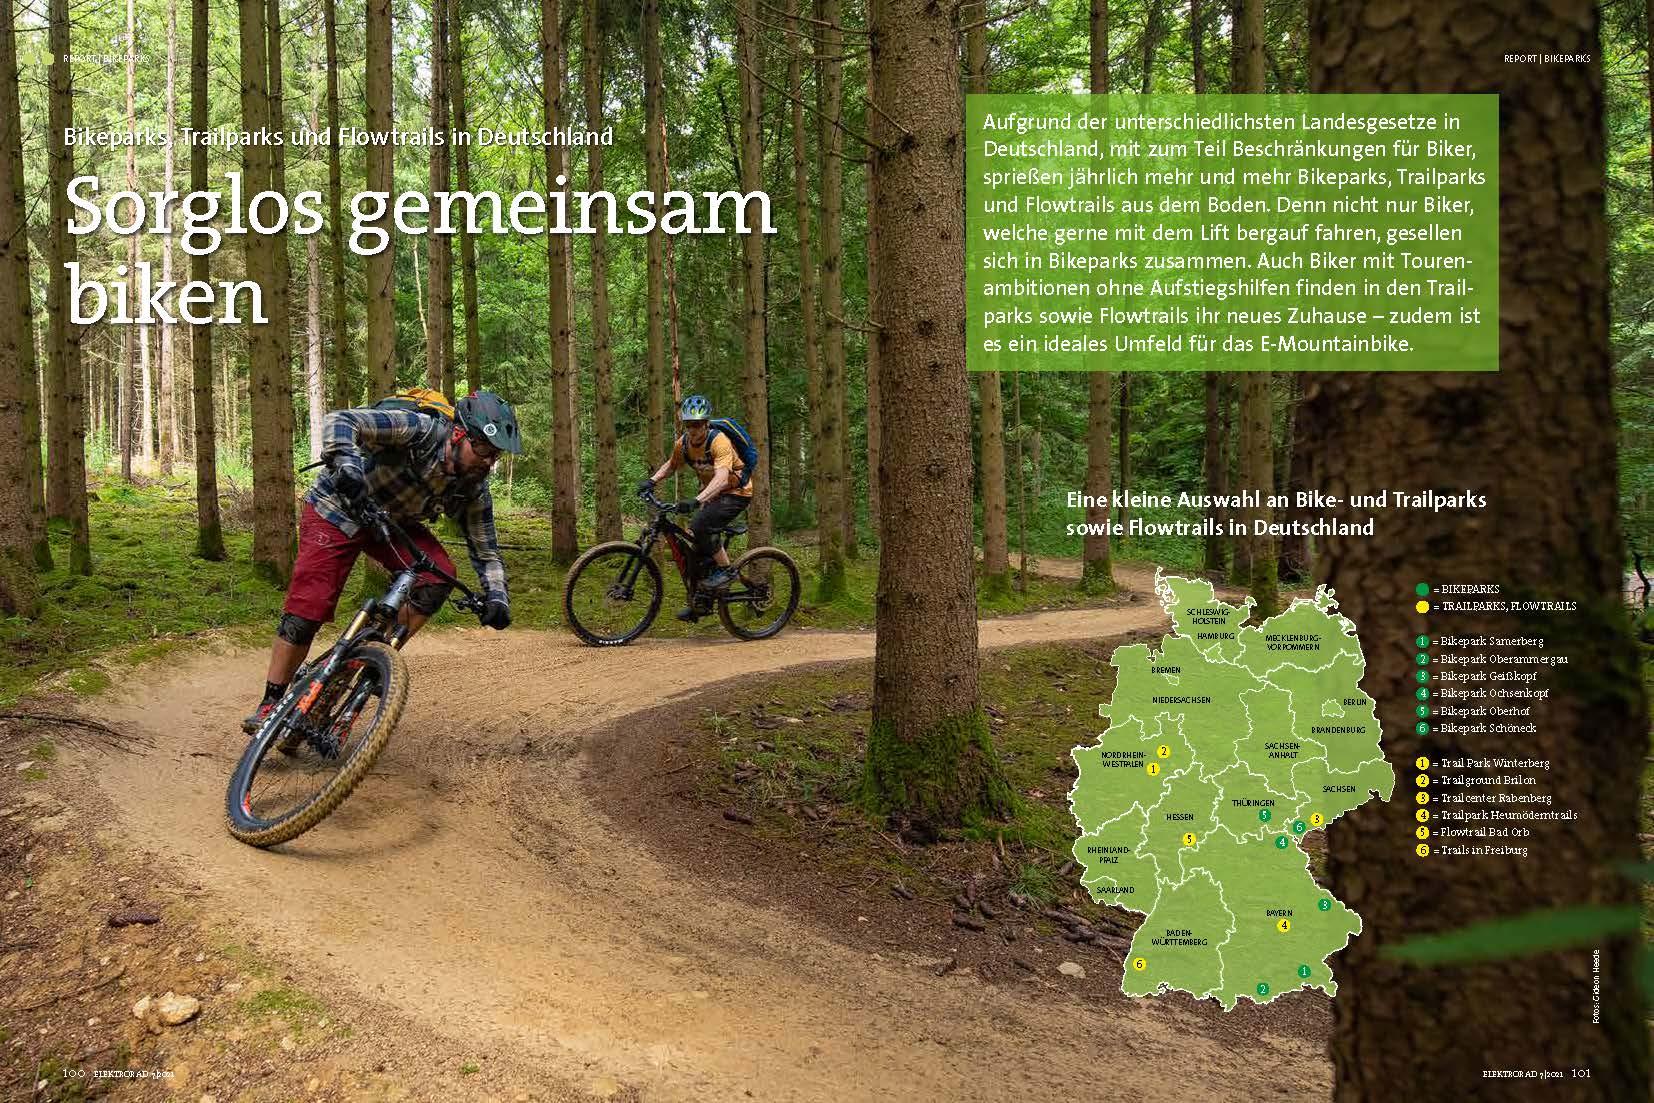 Service: Bike- und Trailparks